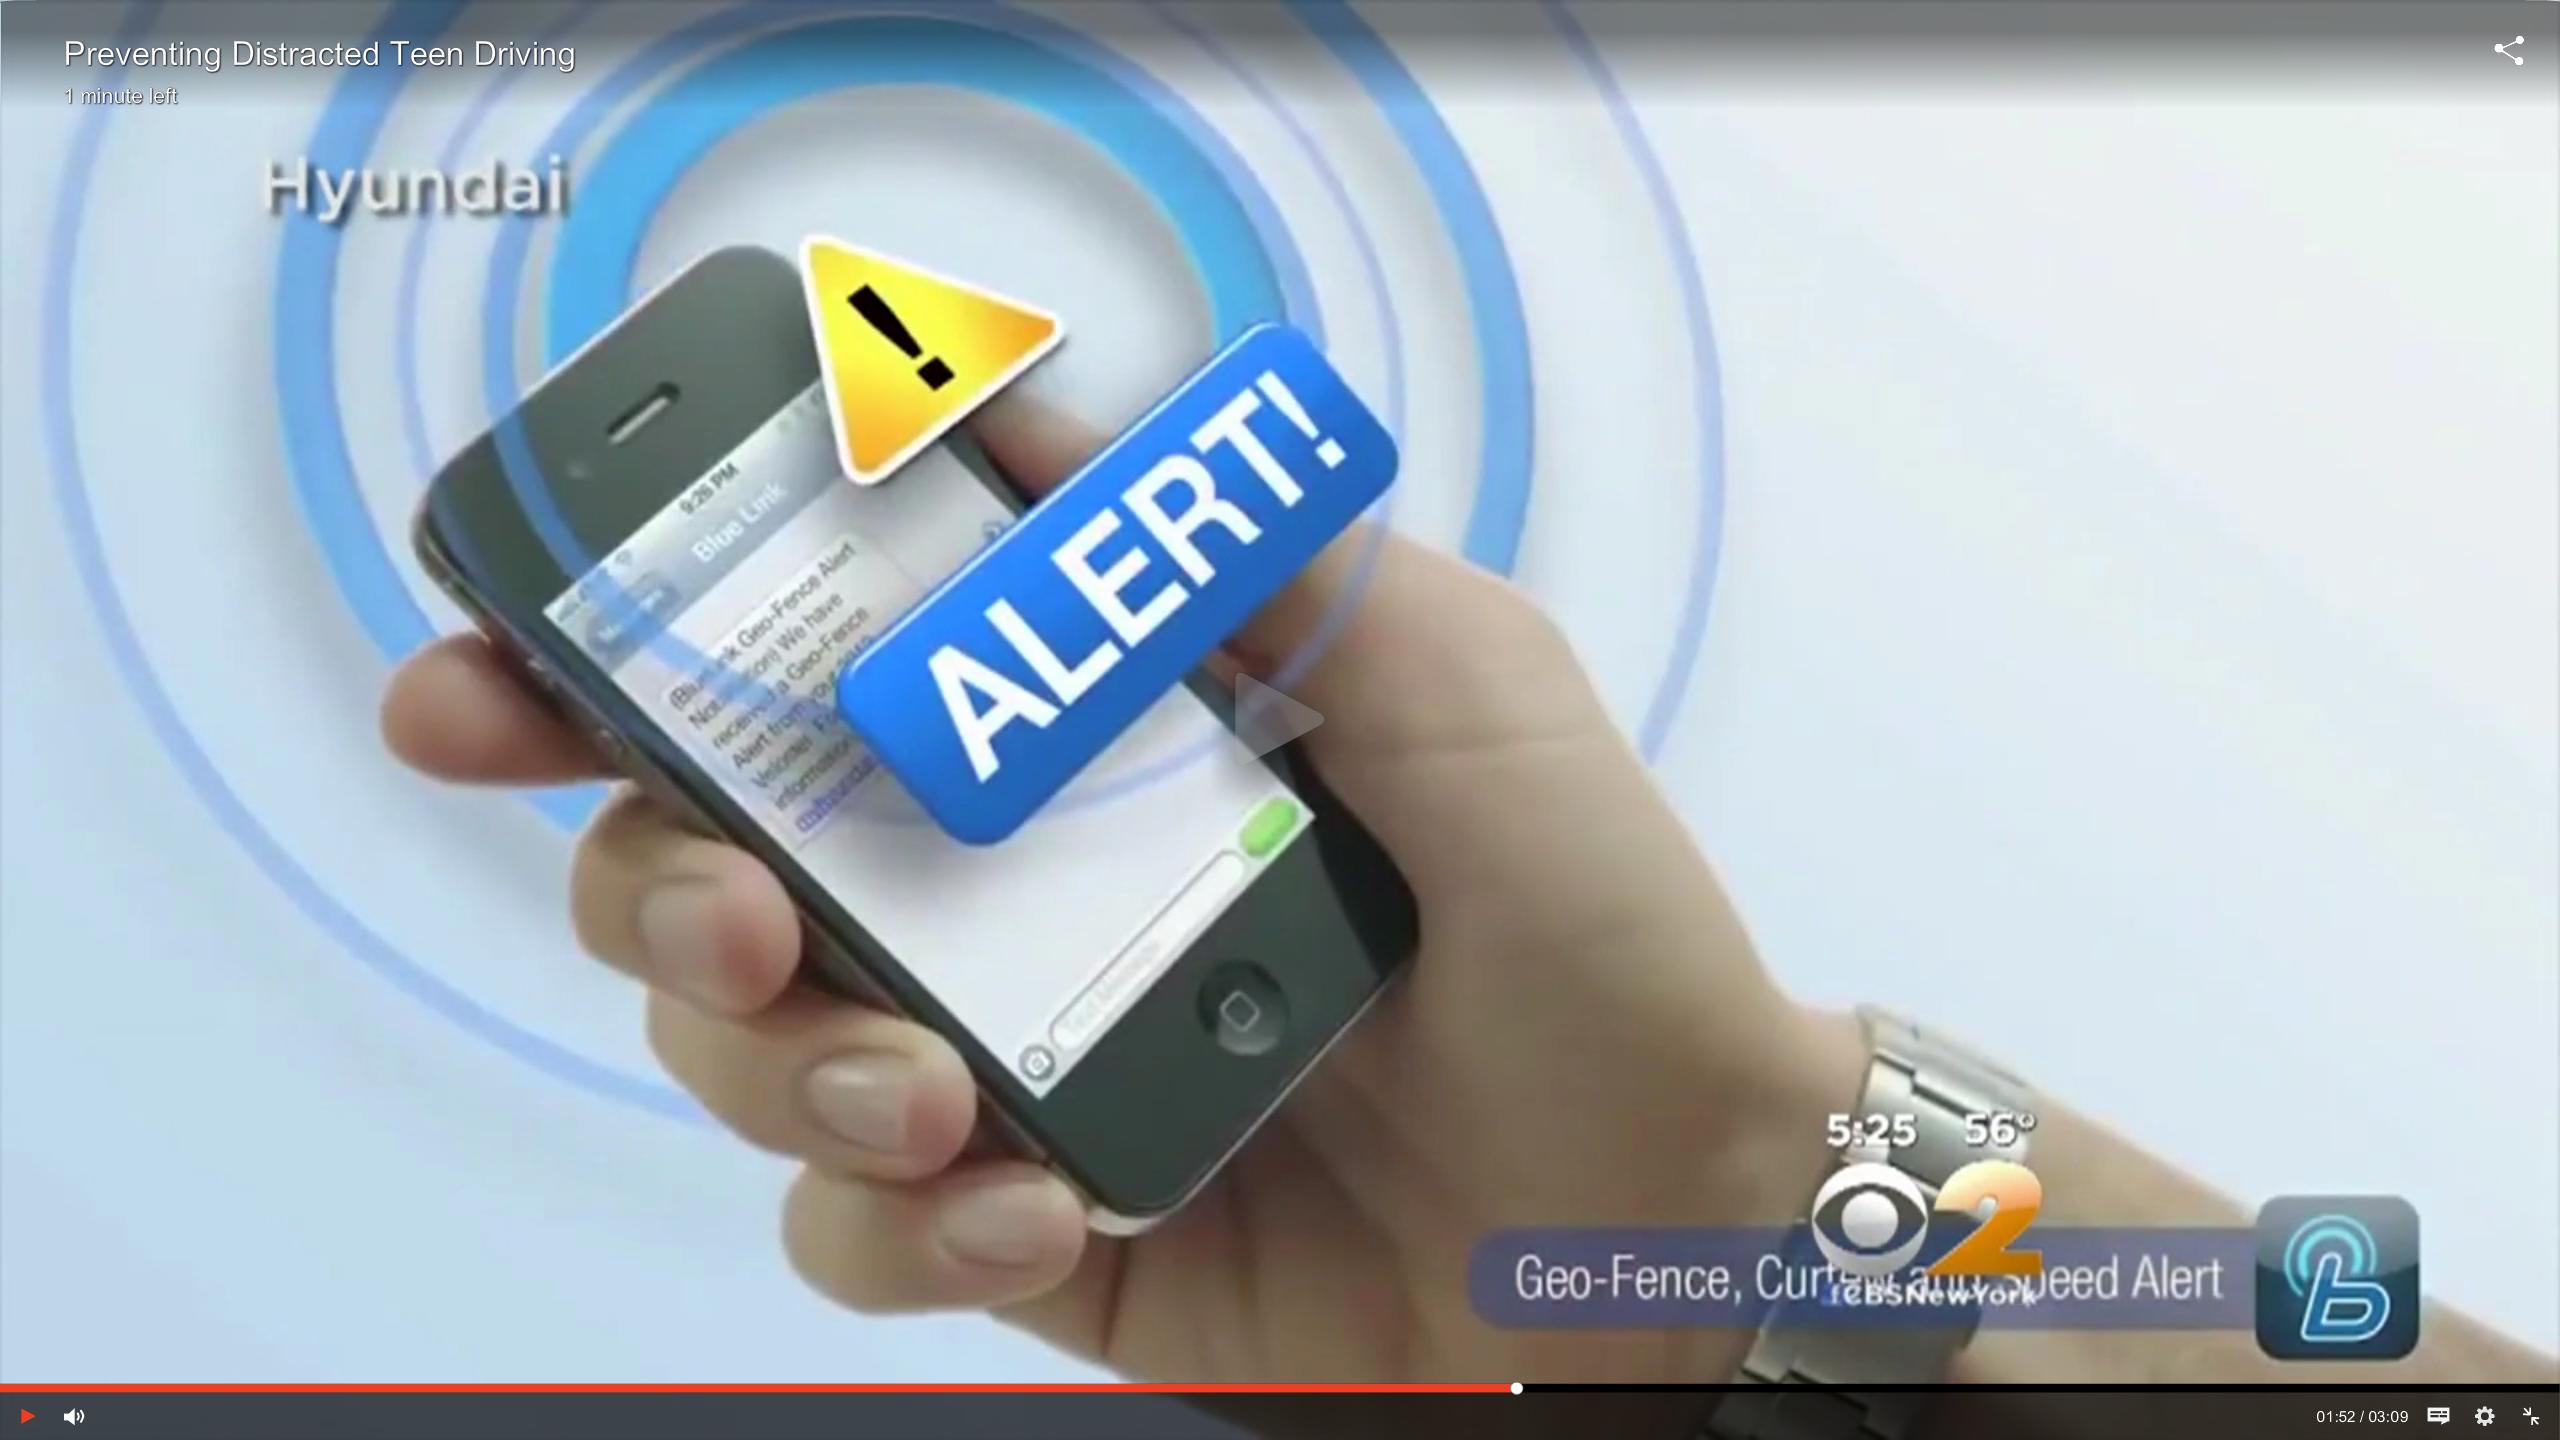 New Tech Curbs Unsafe Teen Driving